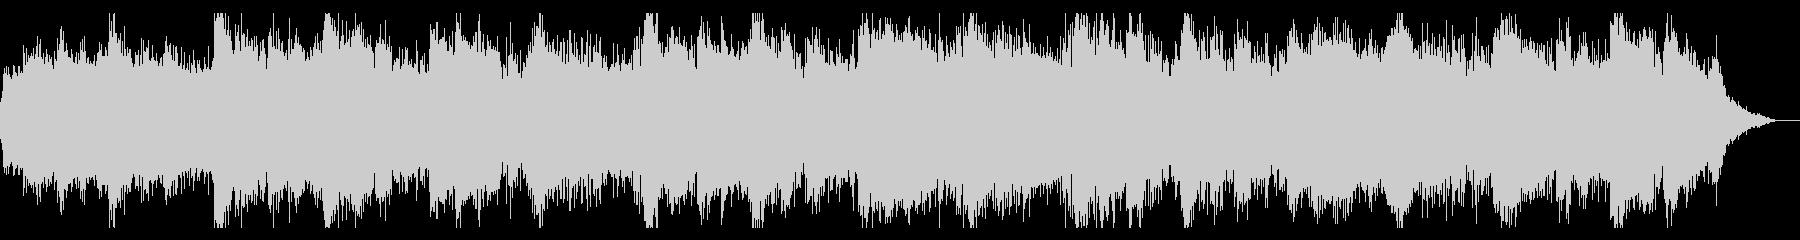 ノイジーでシネマティックなIDMの未再生の波形